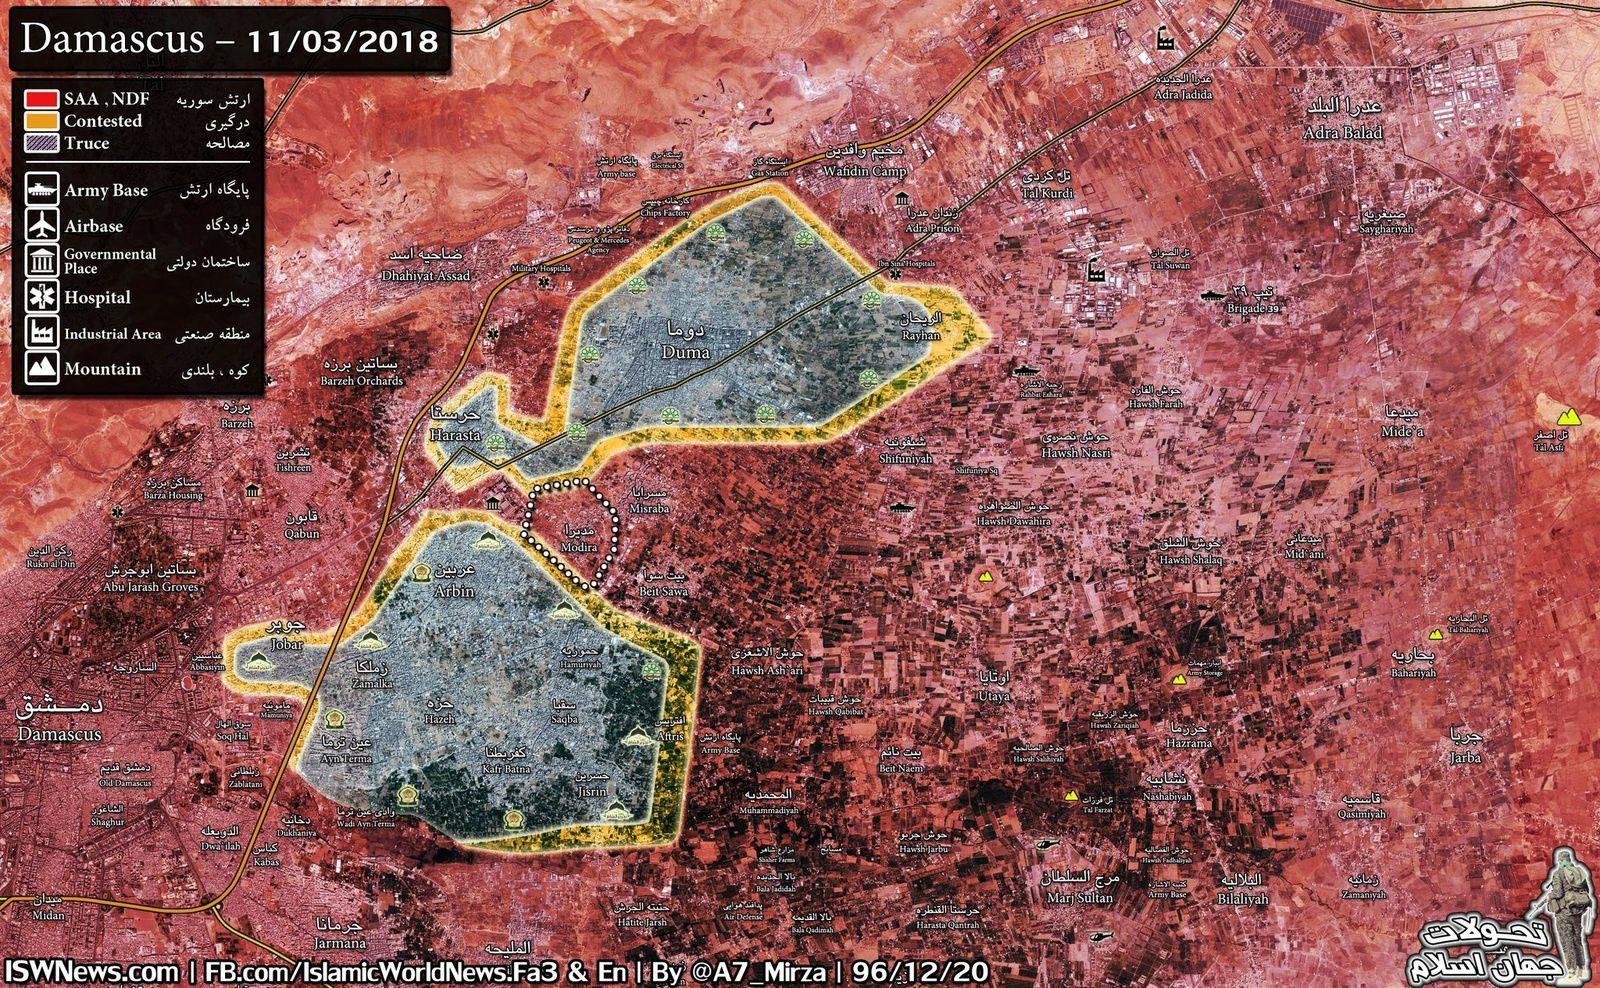 [Carte, vidéo] Des médias accusent l'armée syrienne d'utiliser des armes chimiques après l'effondrement de la défense des militants de la Ghouta Est (Southfront)